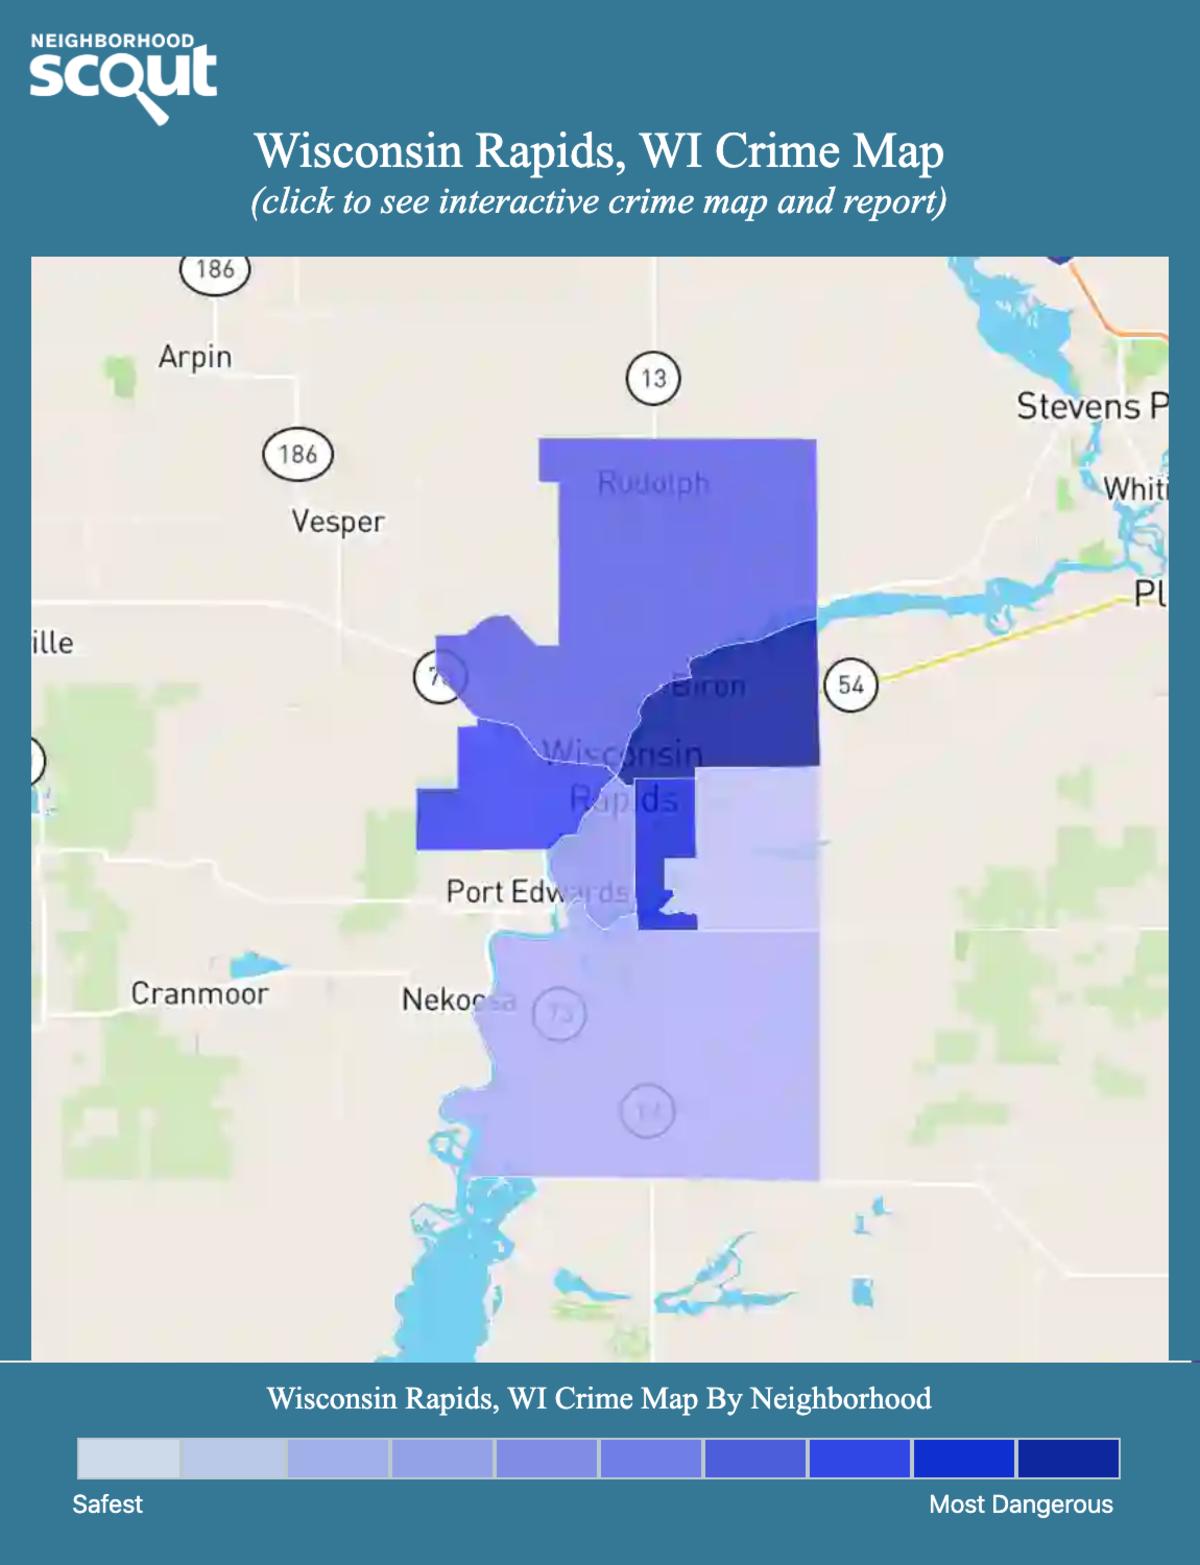 Wisconsin Rapids, Wisconsin crime map